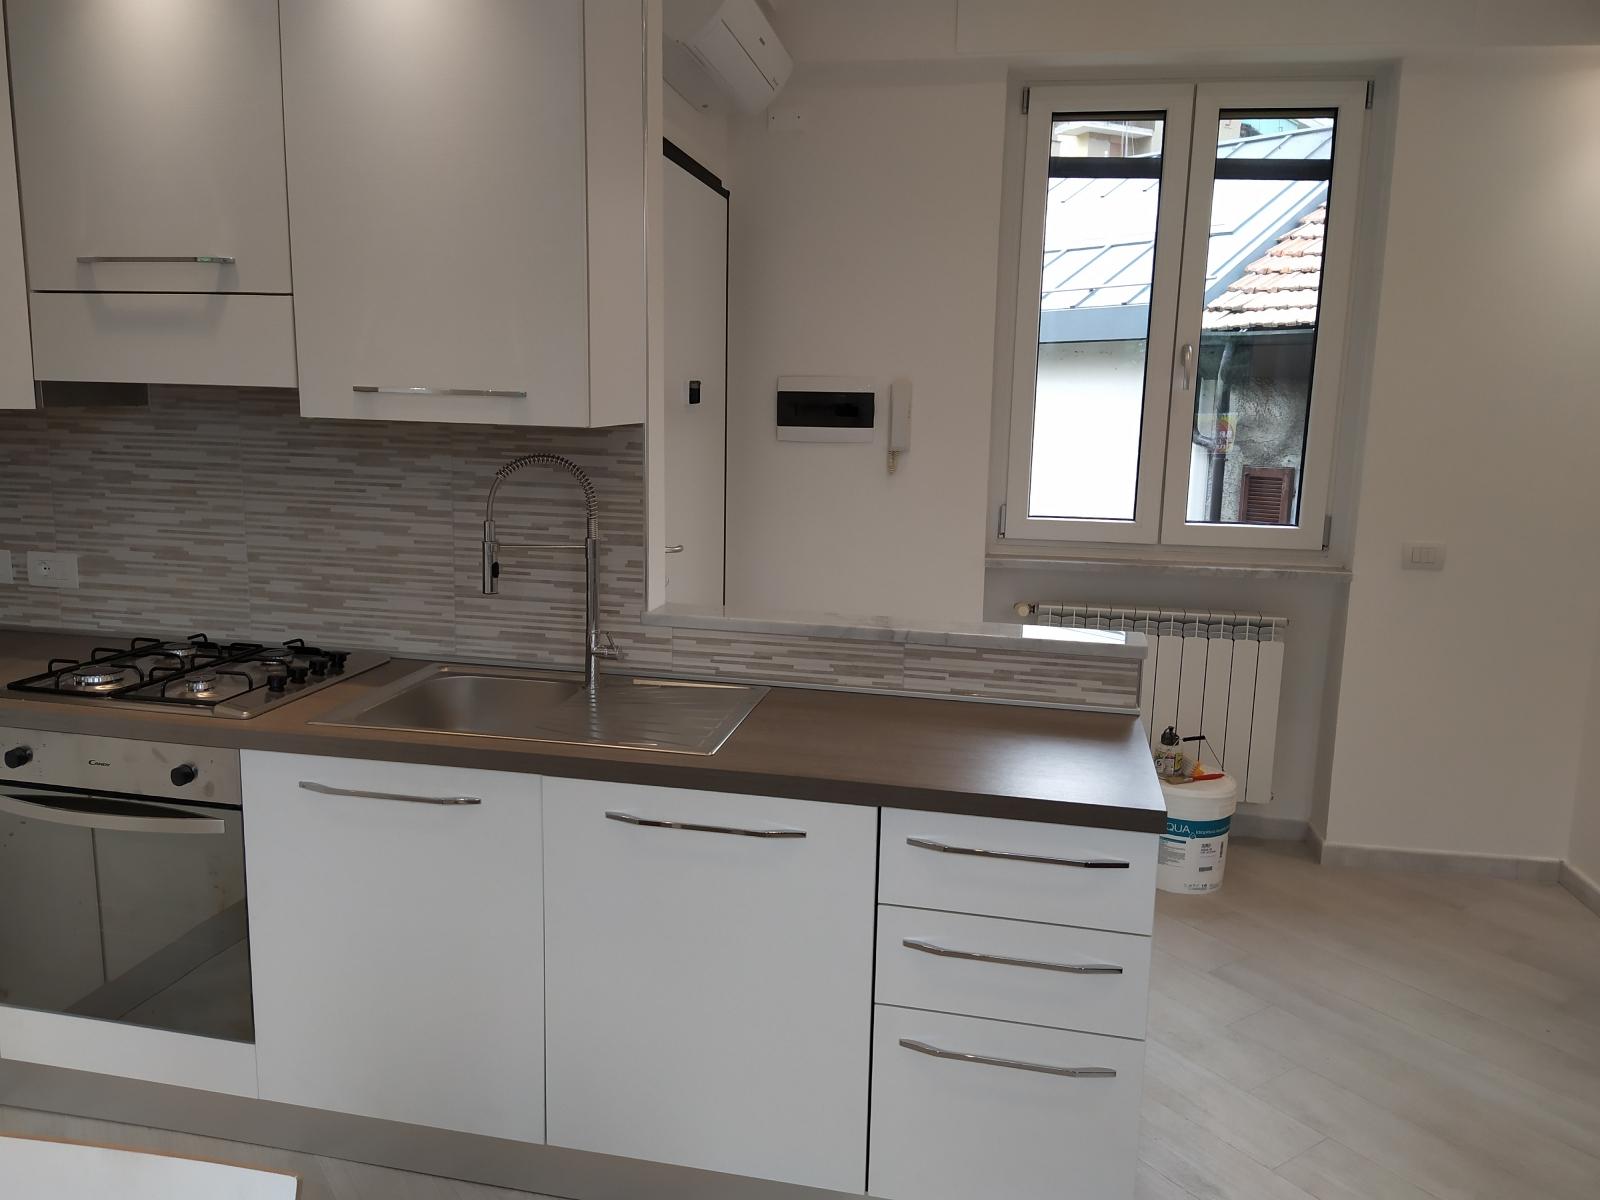 appartamento-in-vendita-milano-bovisa-piazza-dergano-3-locali-con-terrazzo-spaziourbano-immobiliare-vende-5